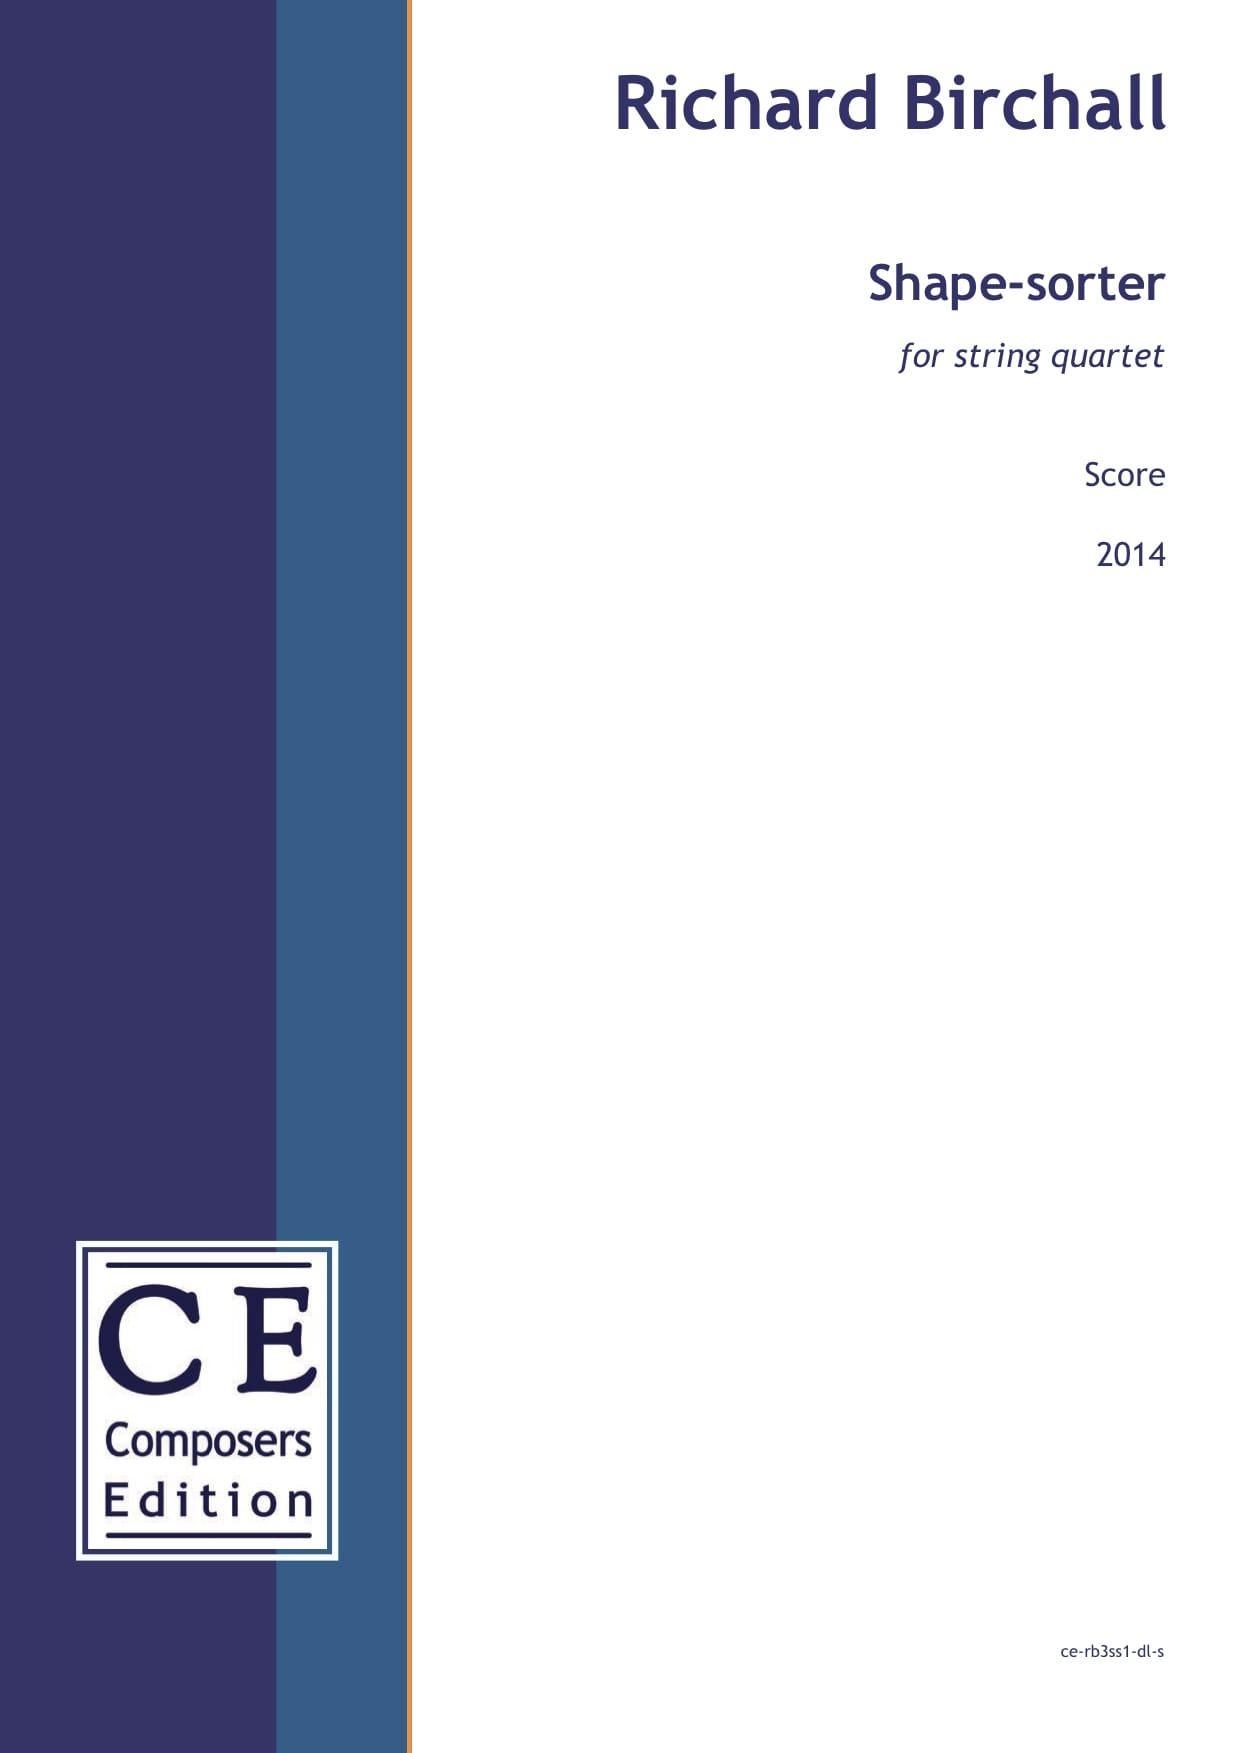 Richard Birchall: Shape-sorter for string quartet